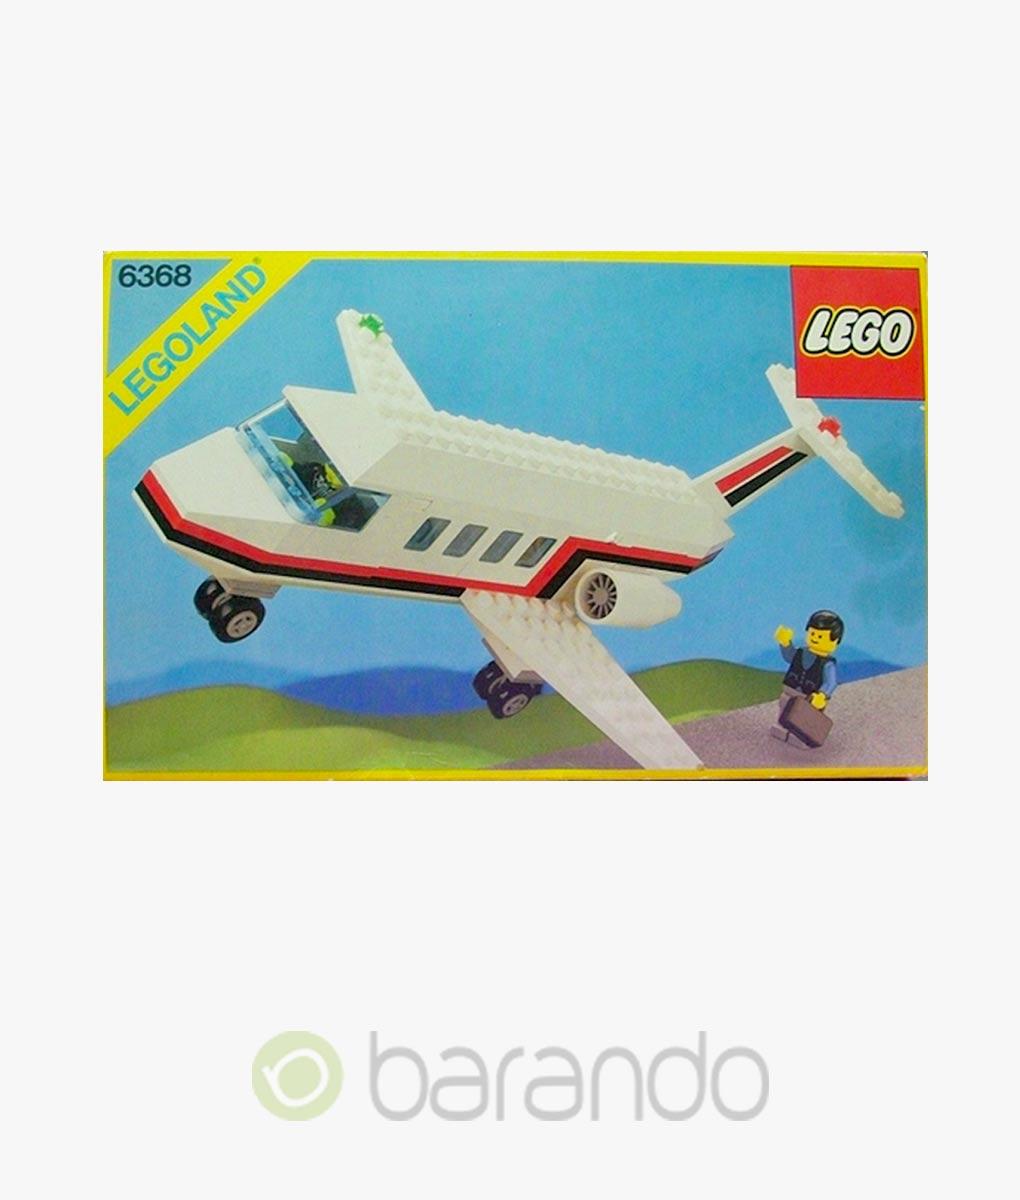 Lego City 6368 Flugzeug Set Barando